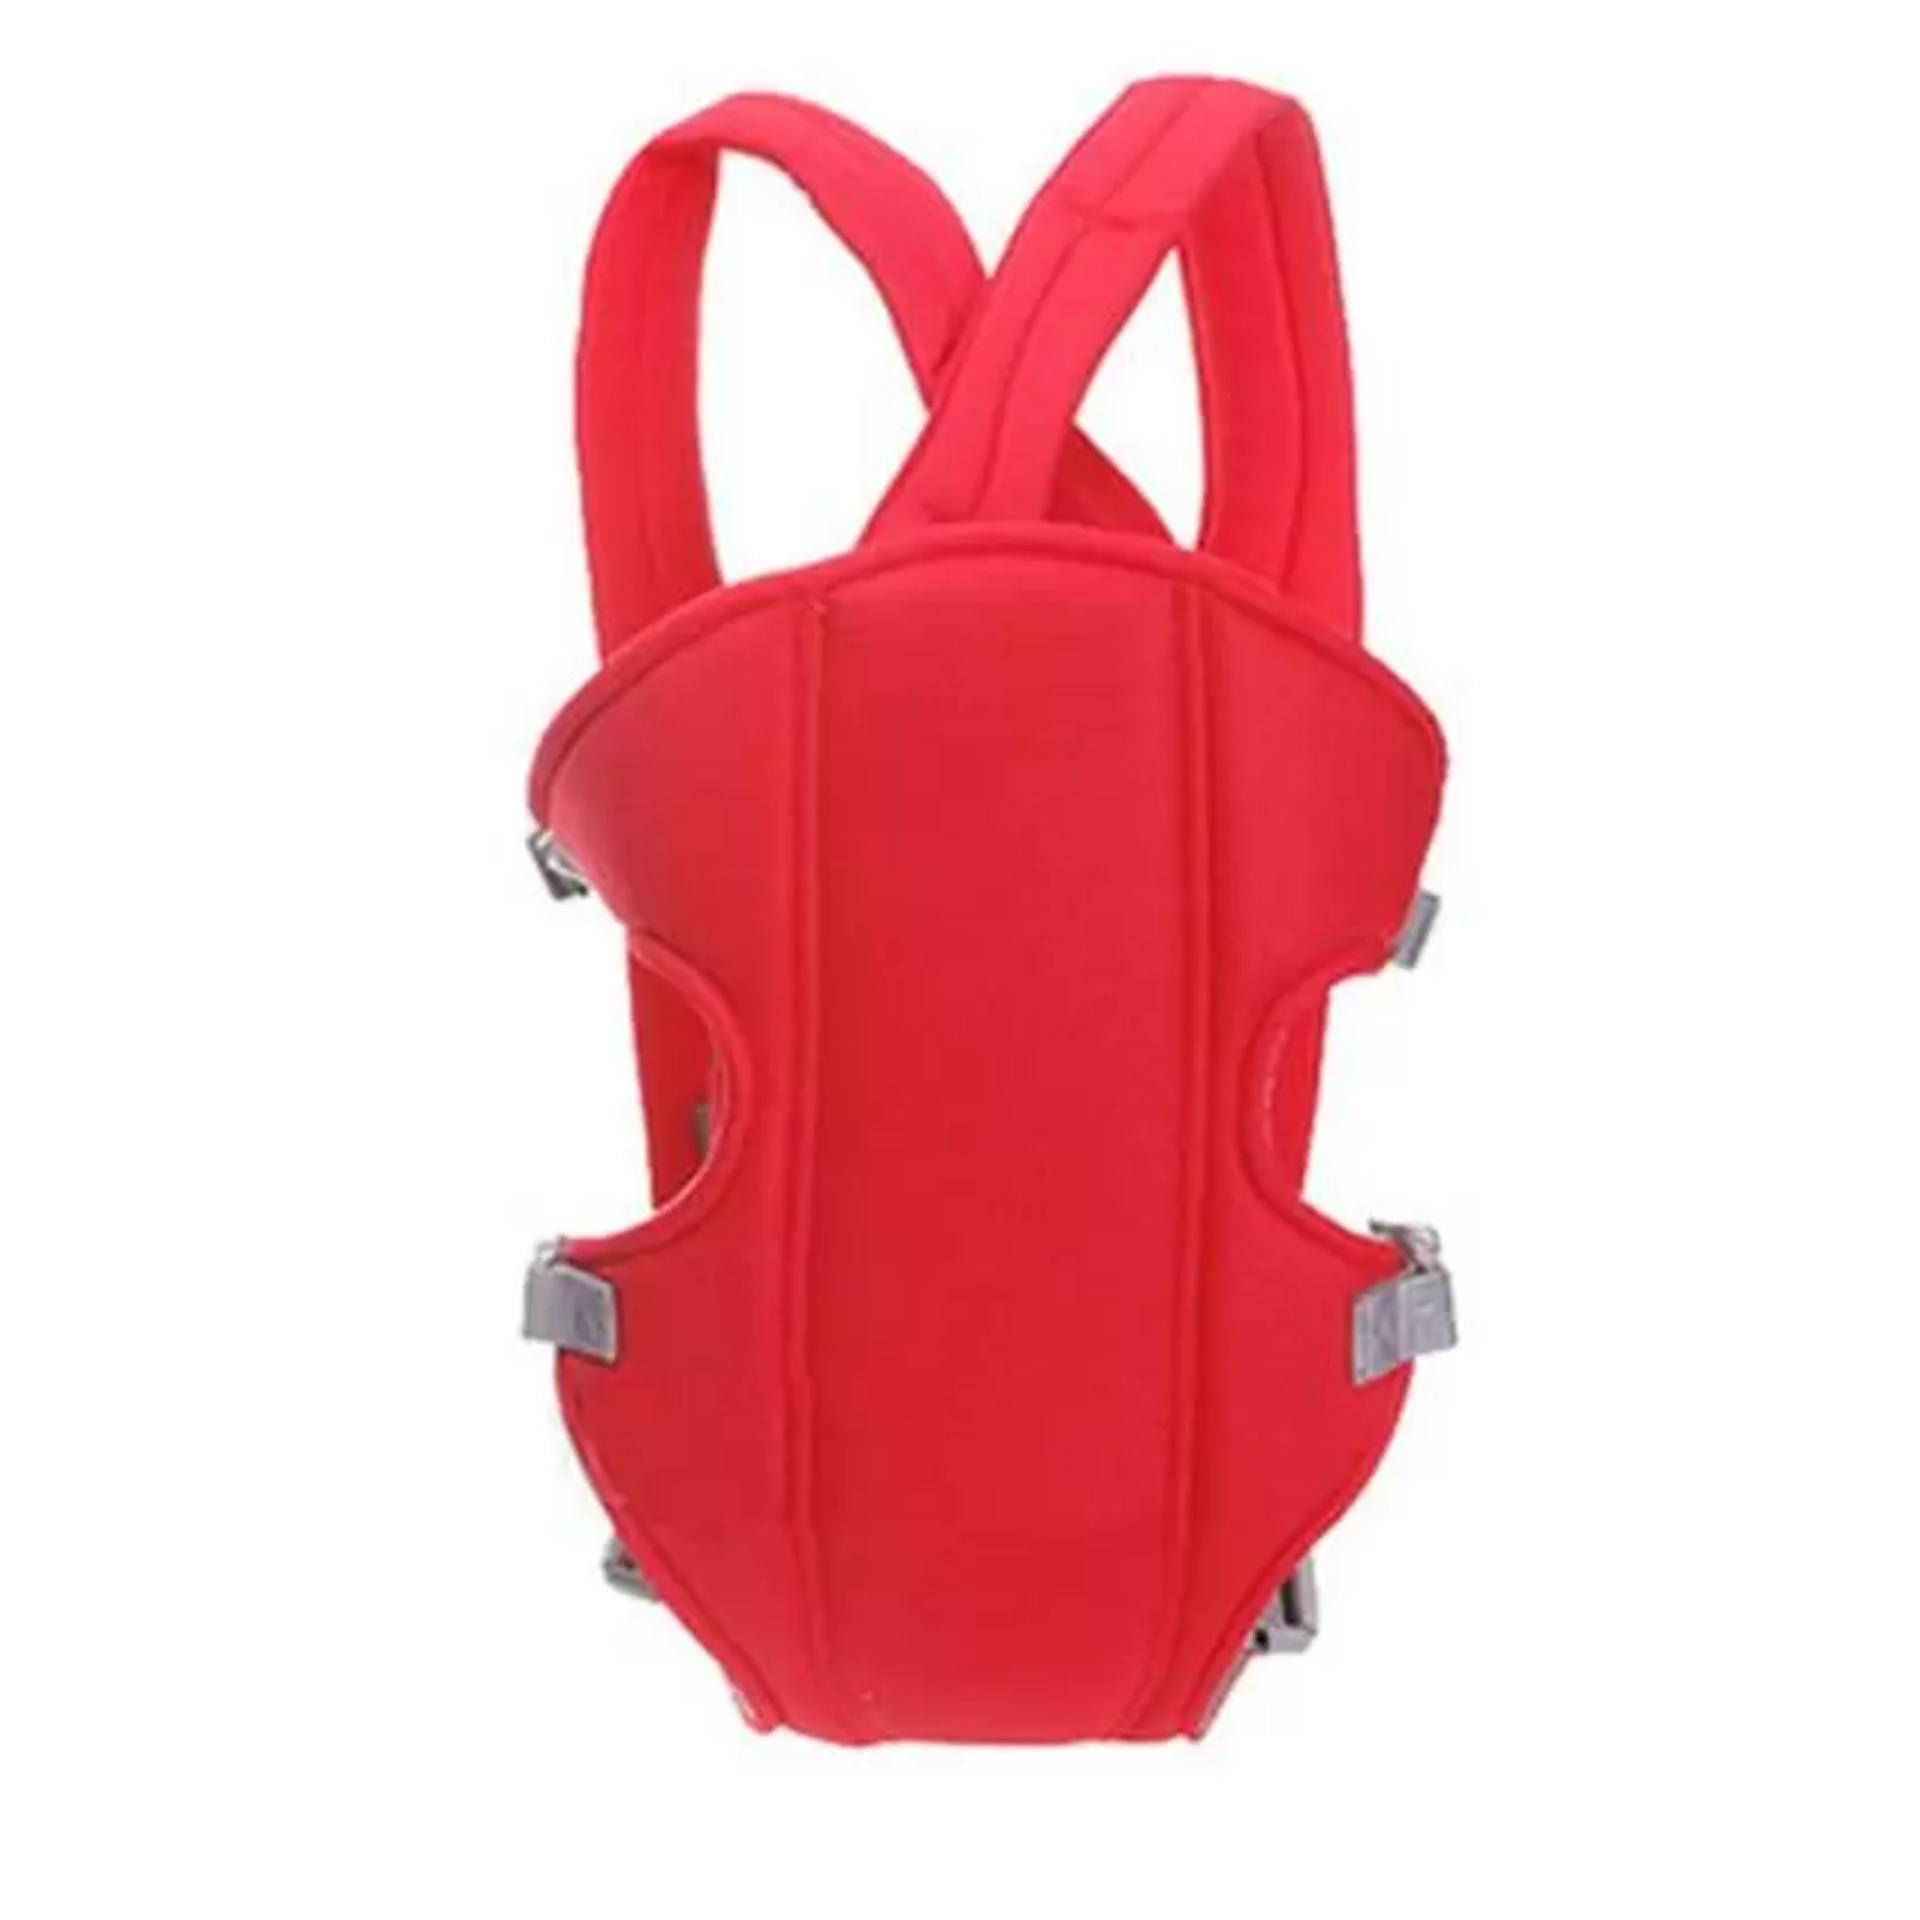 Đai địu em bé 6 tư thế Baby Carrier (Đỏ)